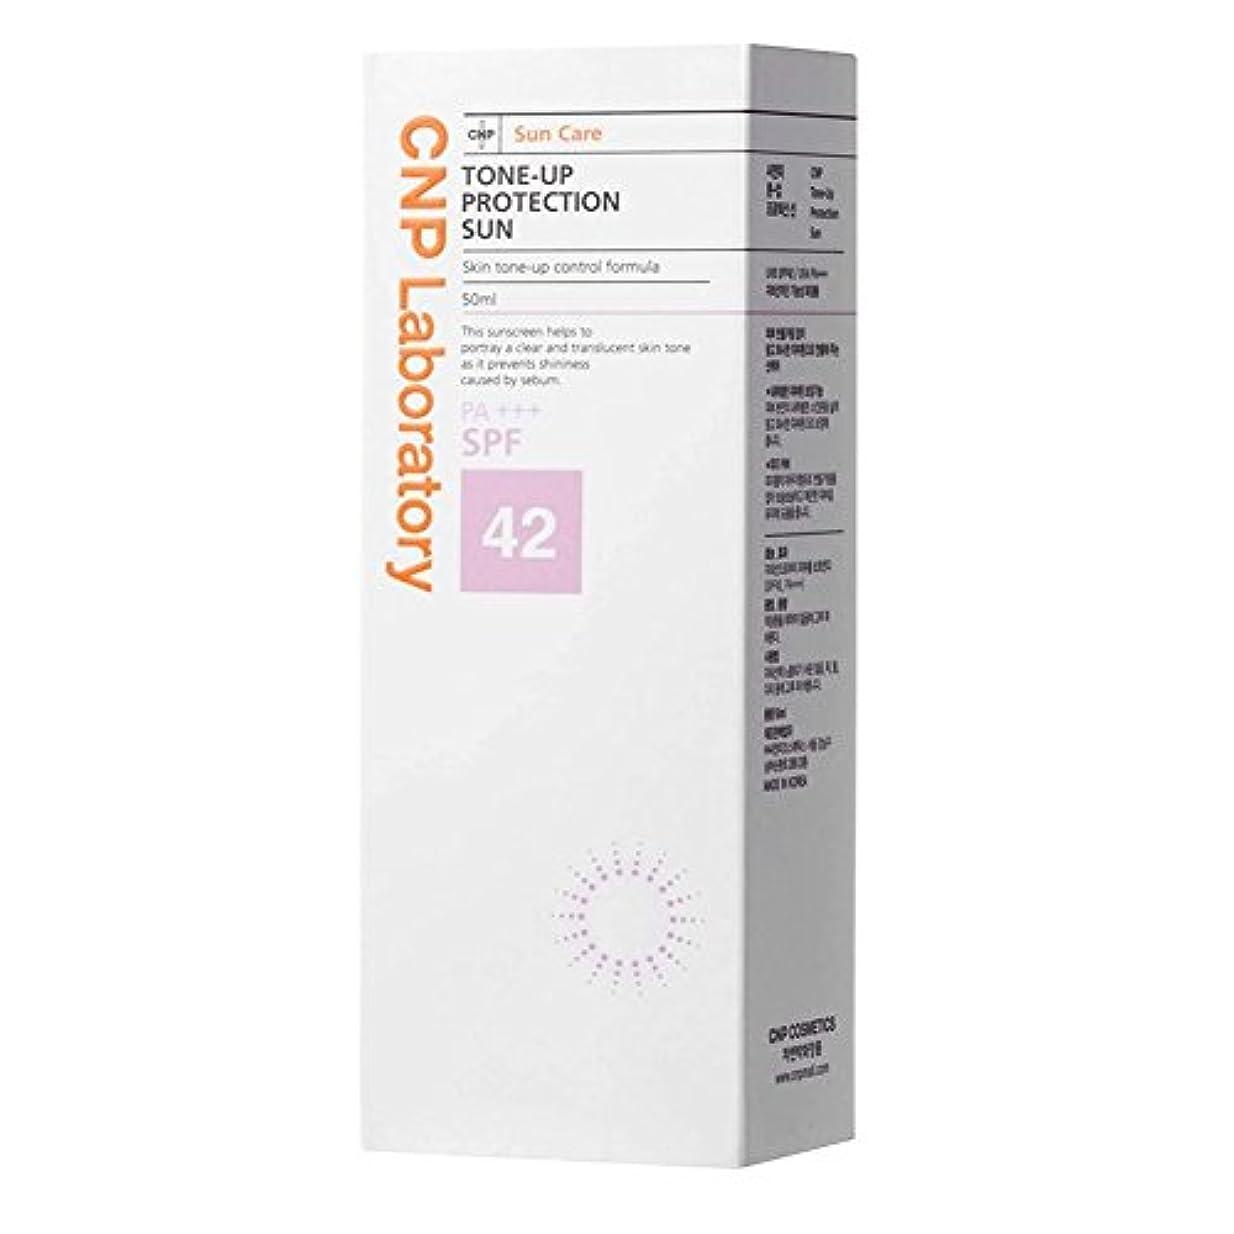 フロントコーラス意図的チャアンドパク(CNP) トンアッププロテクション日焼け止めクリーム 50ml/ CNP Tone-Up Protection Sun 50ml [並行輸入品]